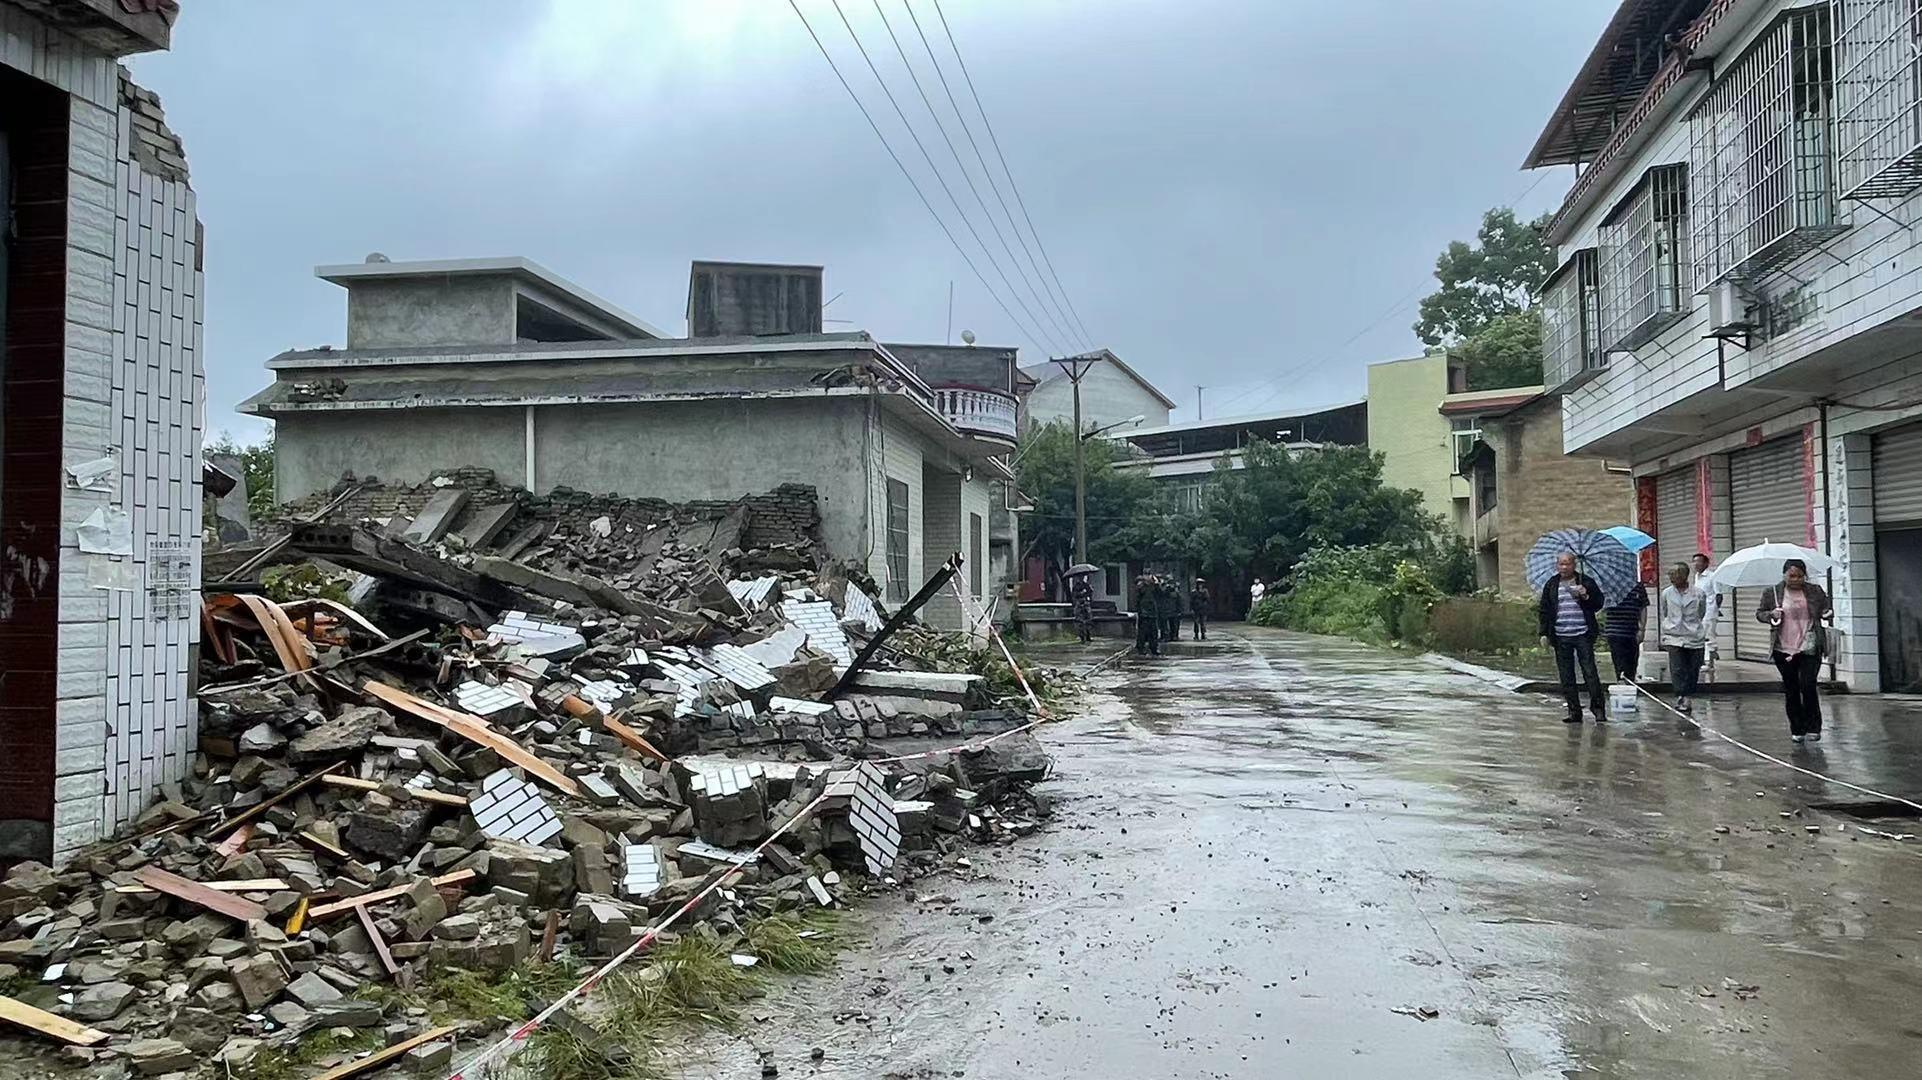 復興村一處房屋倒塌,所幸屋內無人。澎湃新聞記者 何利權 攝